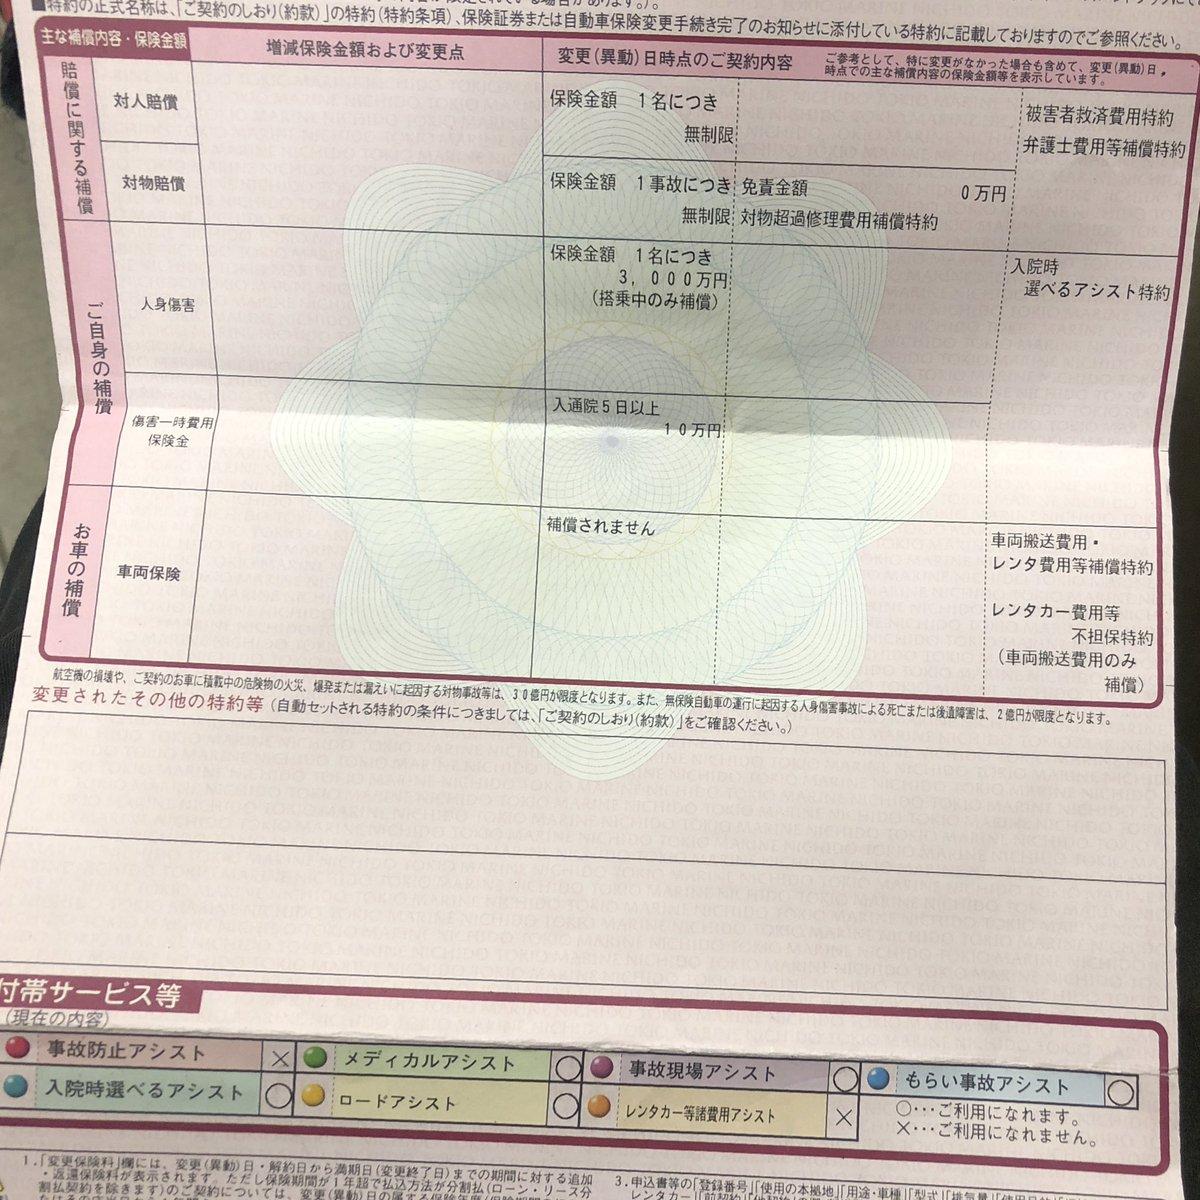 海上 保険 東京 バイク eサイクル保険 |